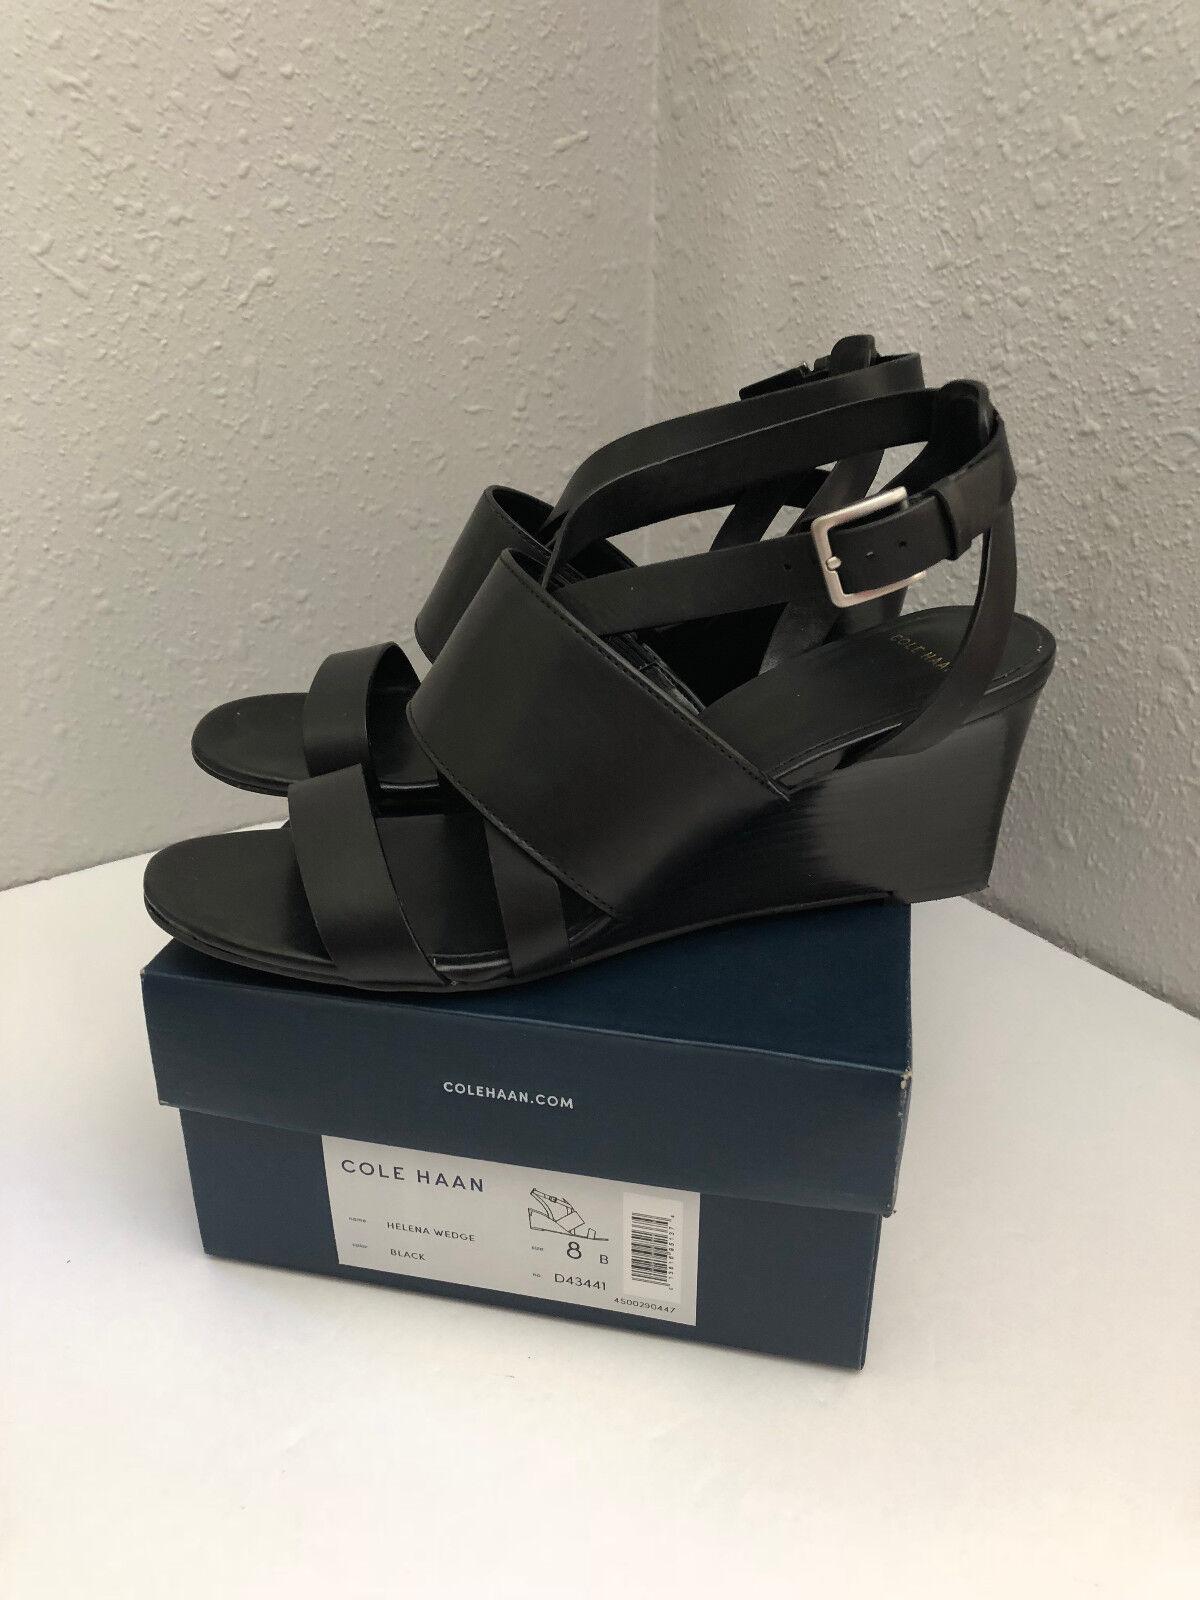 Cole Cole Cole Haan Helena Cuña Zapatos negro Tacones Talla 8 D43441  tienda en linea